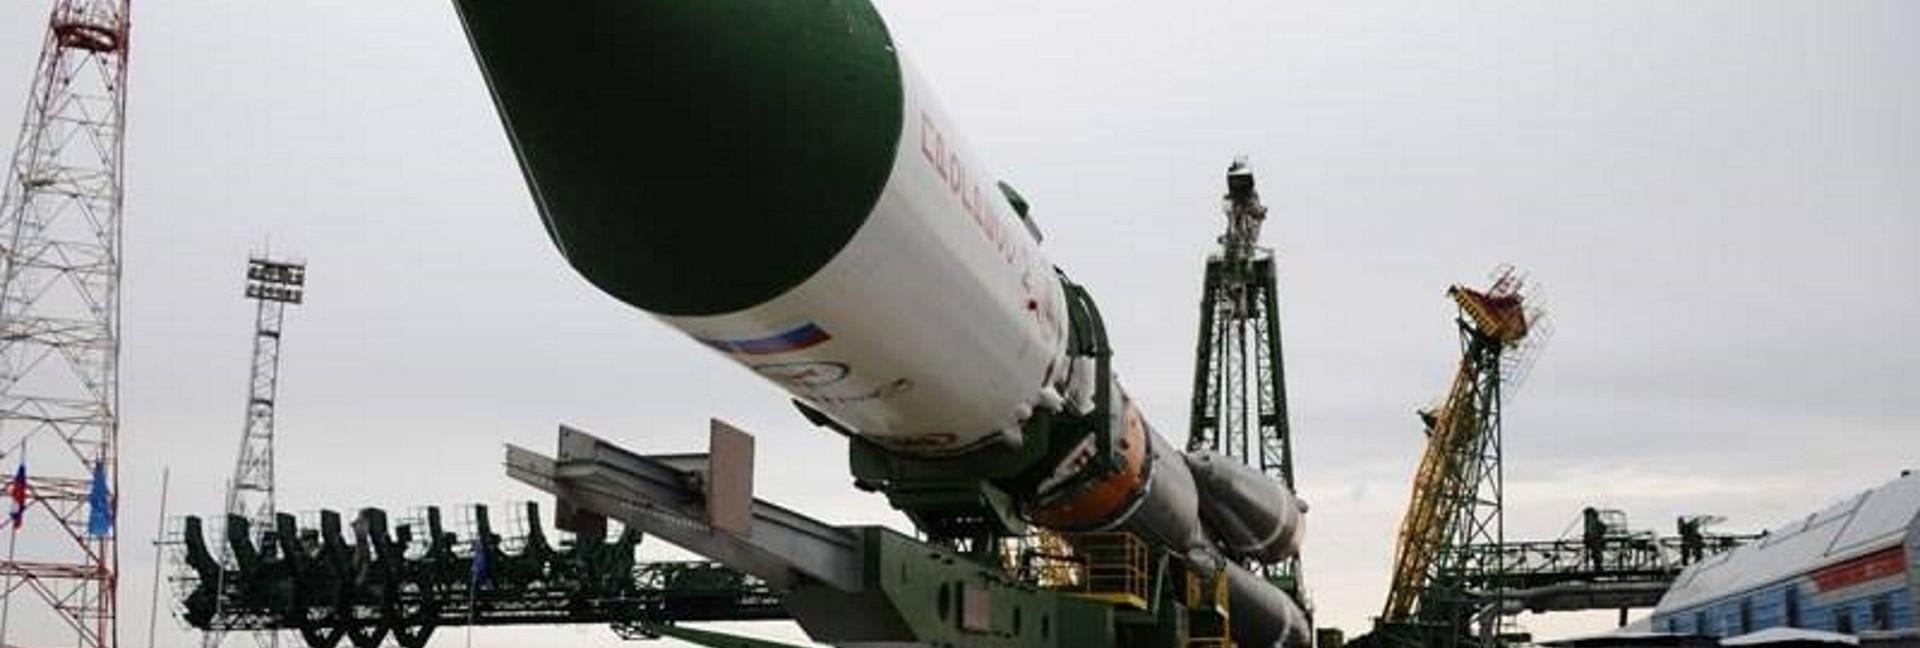 IZGUBIO KONTROLU Ruski svemirski teretni brod počeo padati prema Zemlji